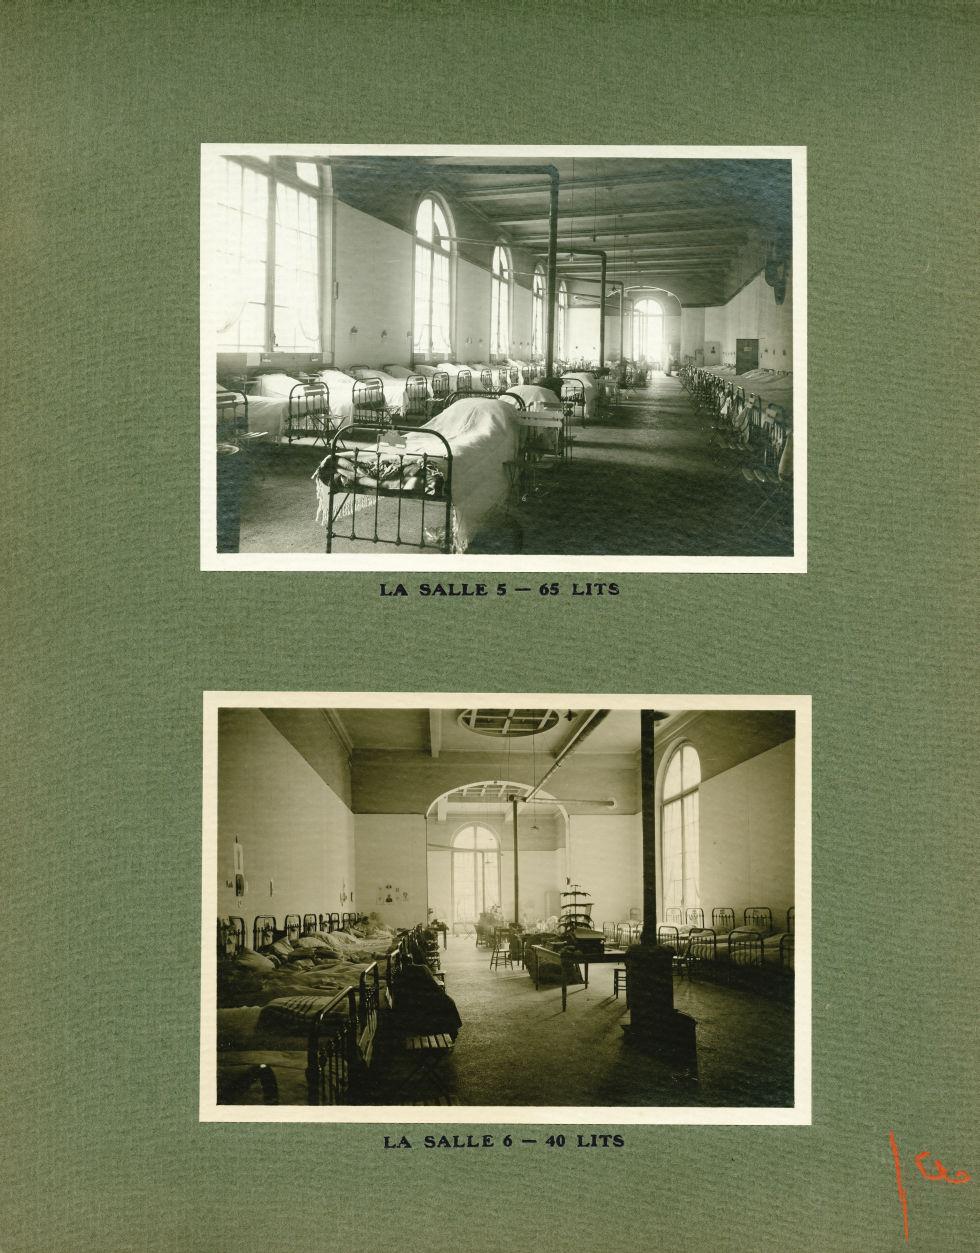 [Le Grand Palais pendant la guerre] La salle 5 - 65 lits / La salle 6 - 40 lits - Le Grand Palais pe [...] -  - med02077x0027